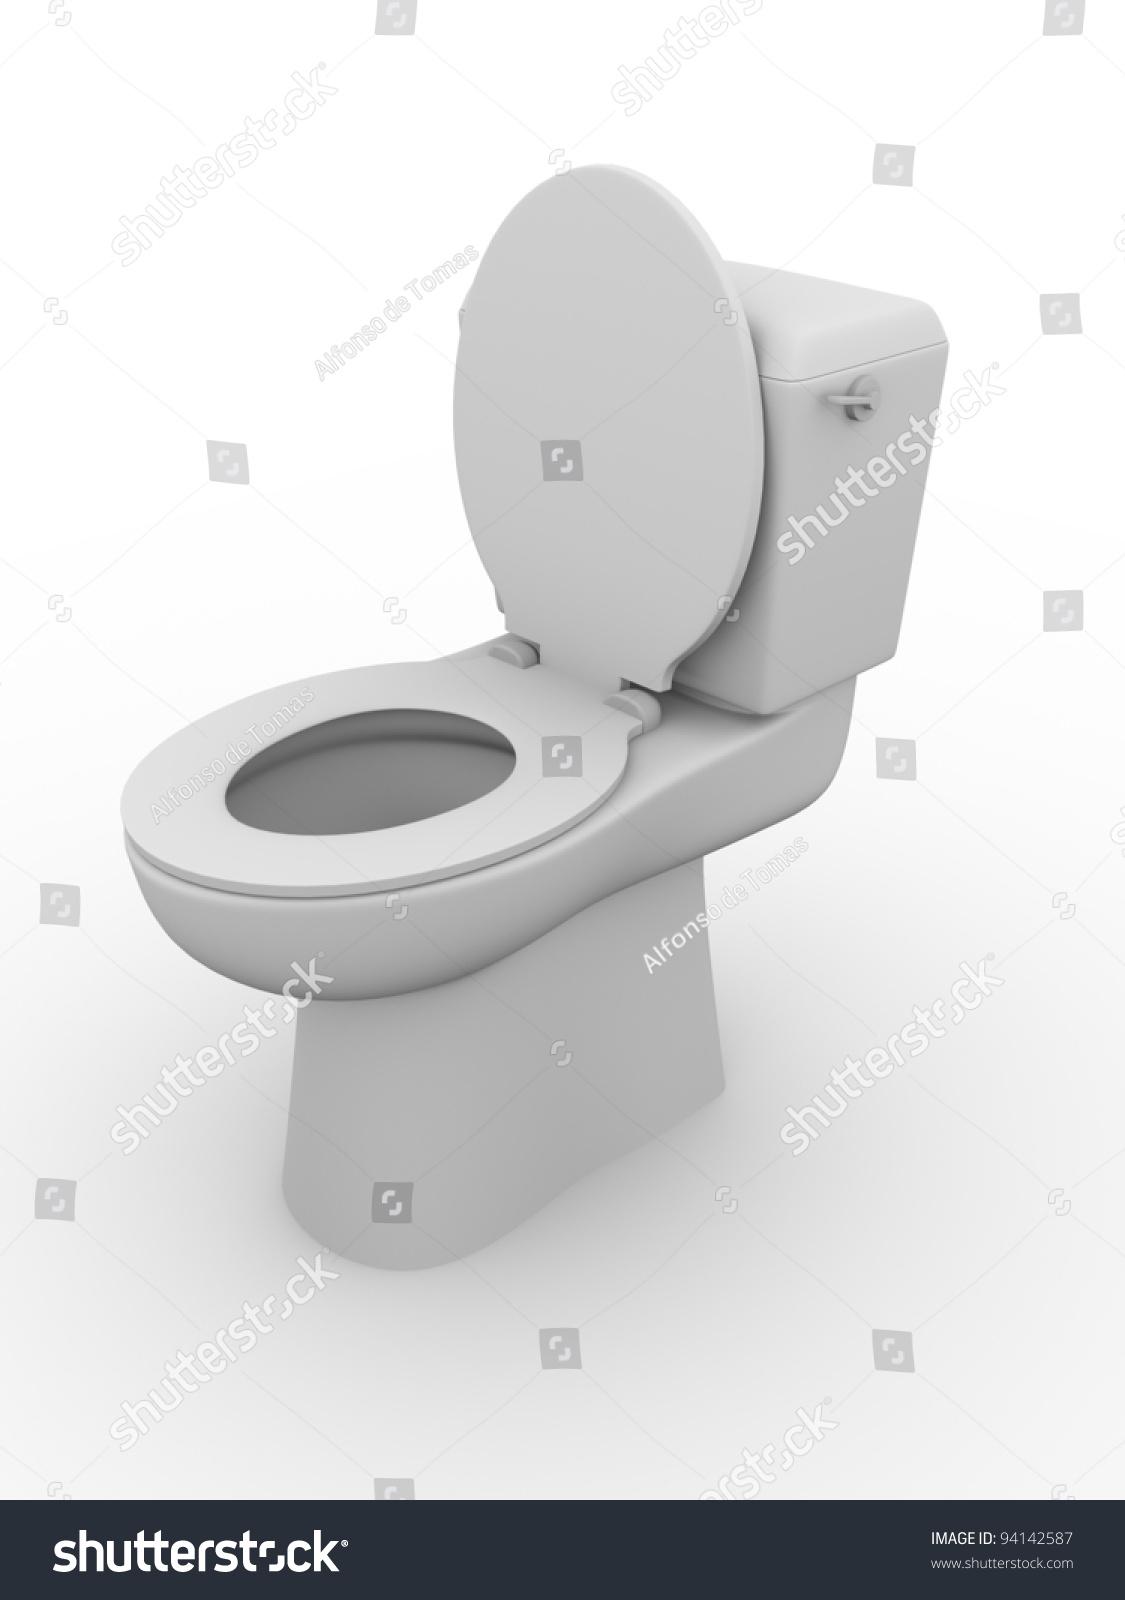 Open Toilet Bowl Bathroom Equipment Water Stock